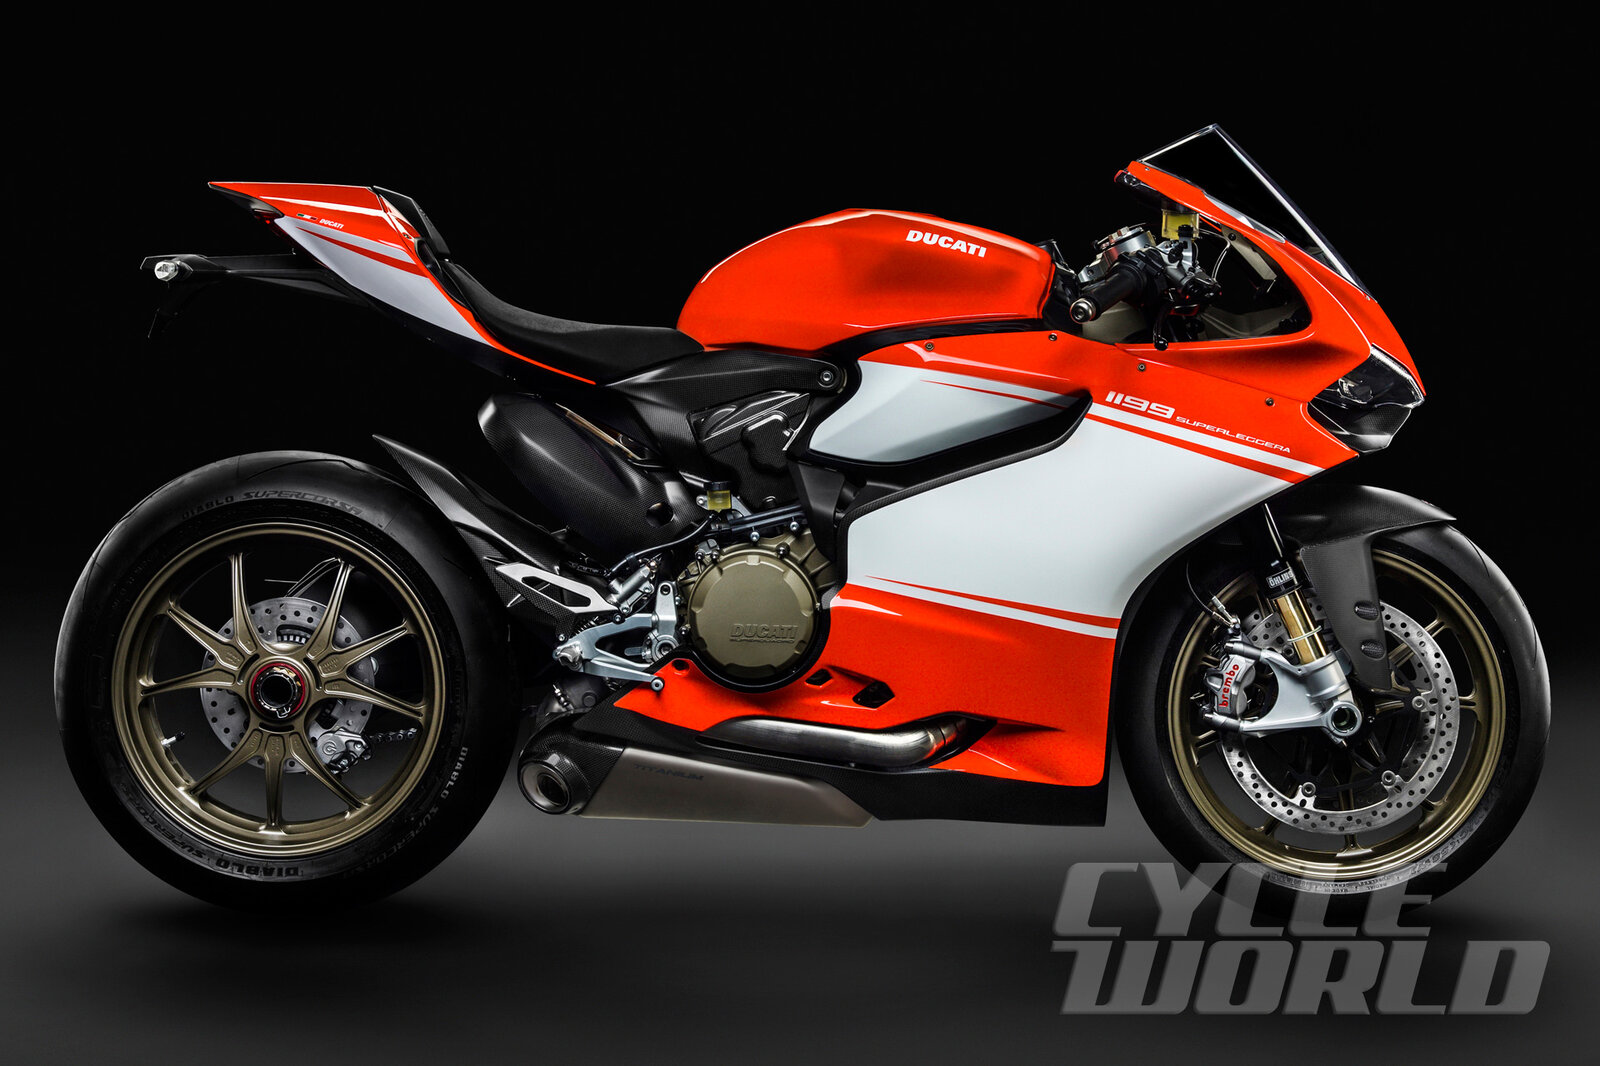 Ducati-Superleggera-Characters_03.jpg